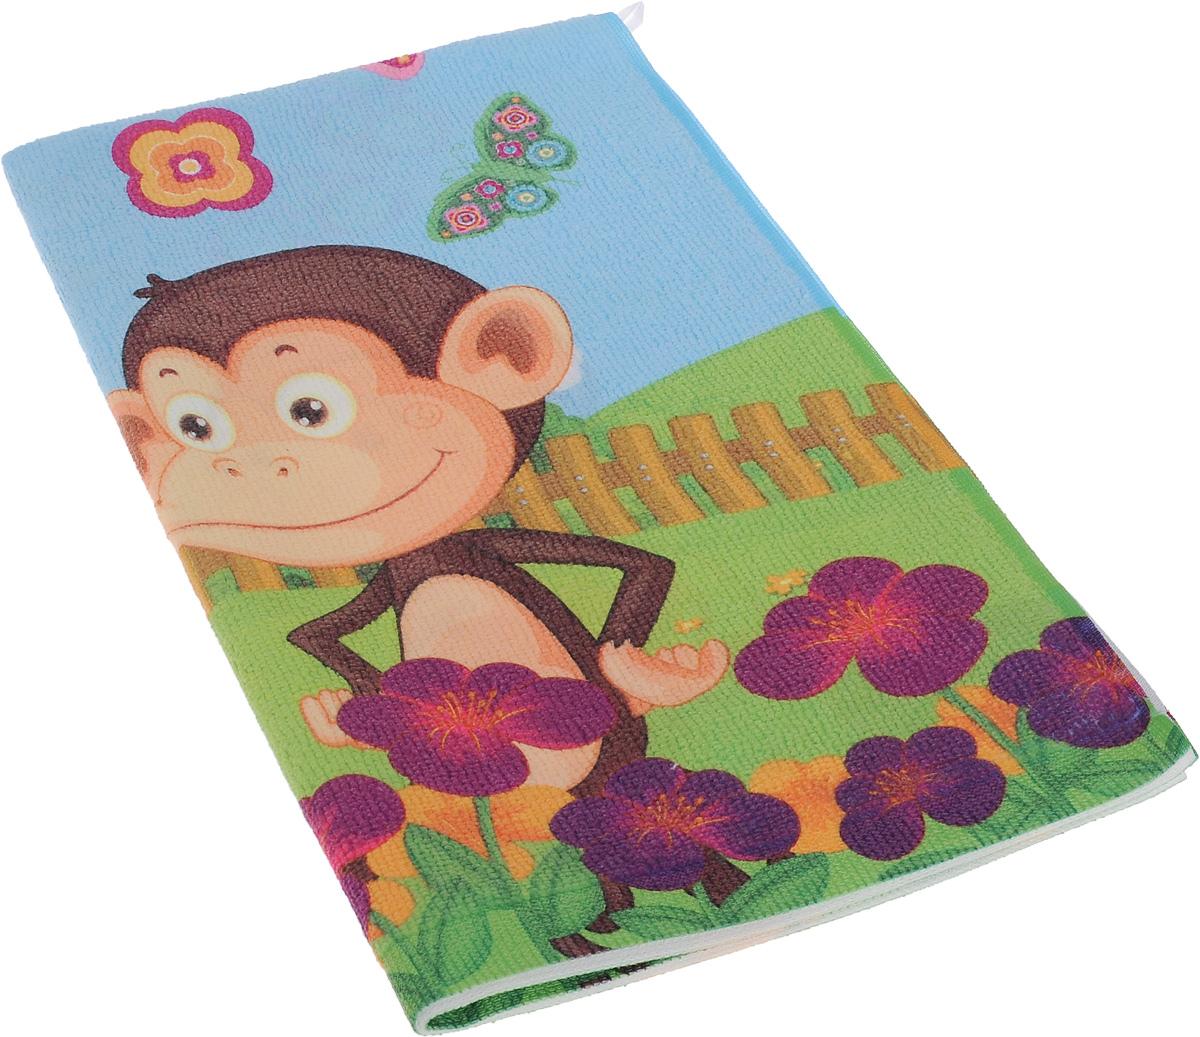 Полотенце кухонное Soavita Monkey, 38 х 64 см80590Кухонное полотенце Soavita Monkey, выполненное извысококачественной микрофибры (80% полиэстер, 20%полиамид), оформлено изображением забавных обезьянок.Имеется петелька для подвешивания. Изделие предназначенодля использования на кухне и в столовой. Такое полотенце станет отличным вариантом для практичнойи современной хозяйки.